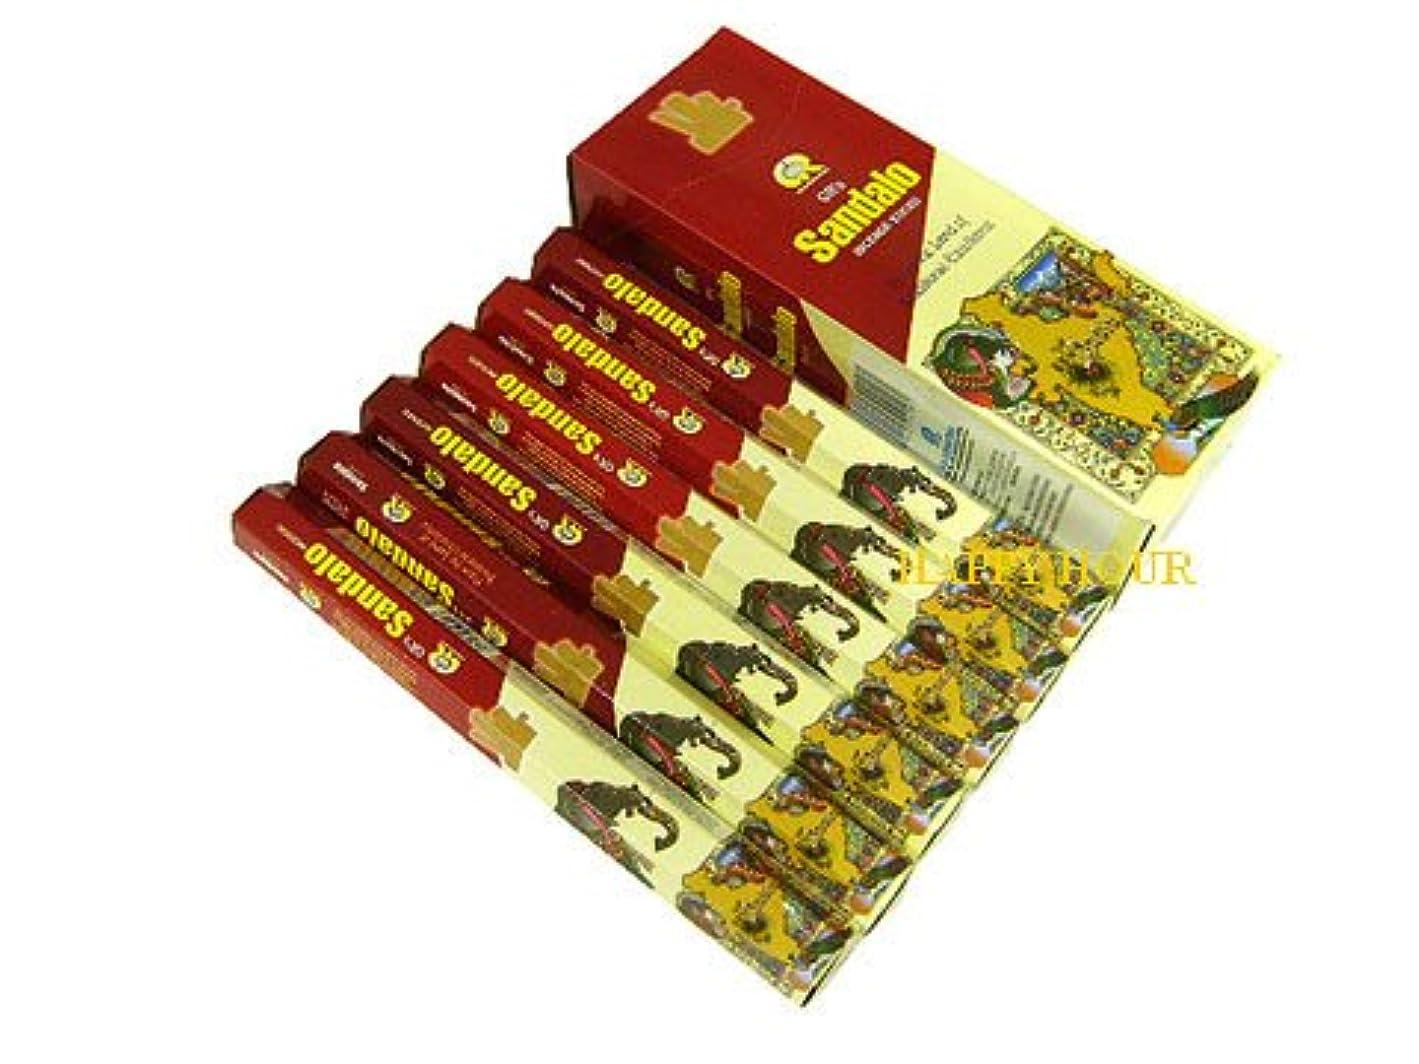 褒賞宿題をする持続するG.R.INTERNATIONAL(ジーアールインターナショナル) サンダル香 スティック SANDALO 6箱セット